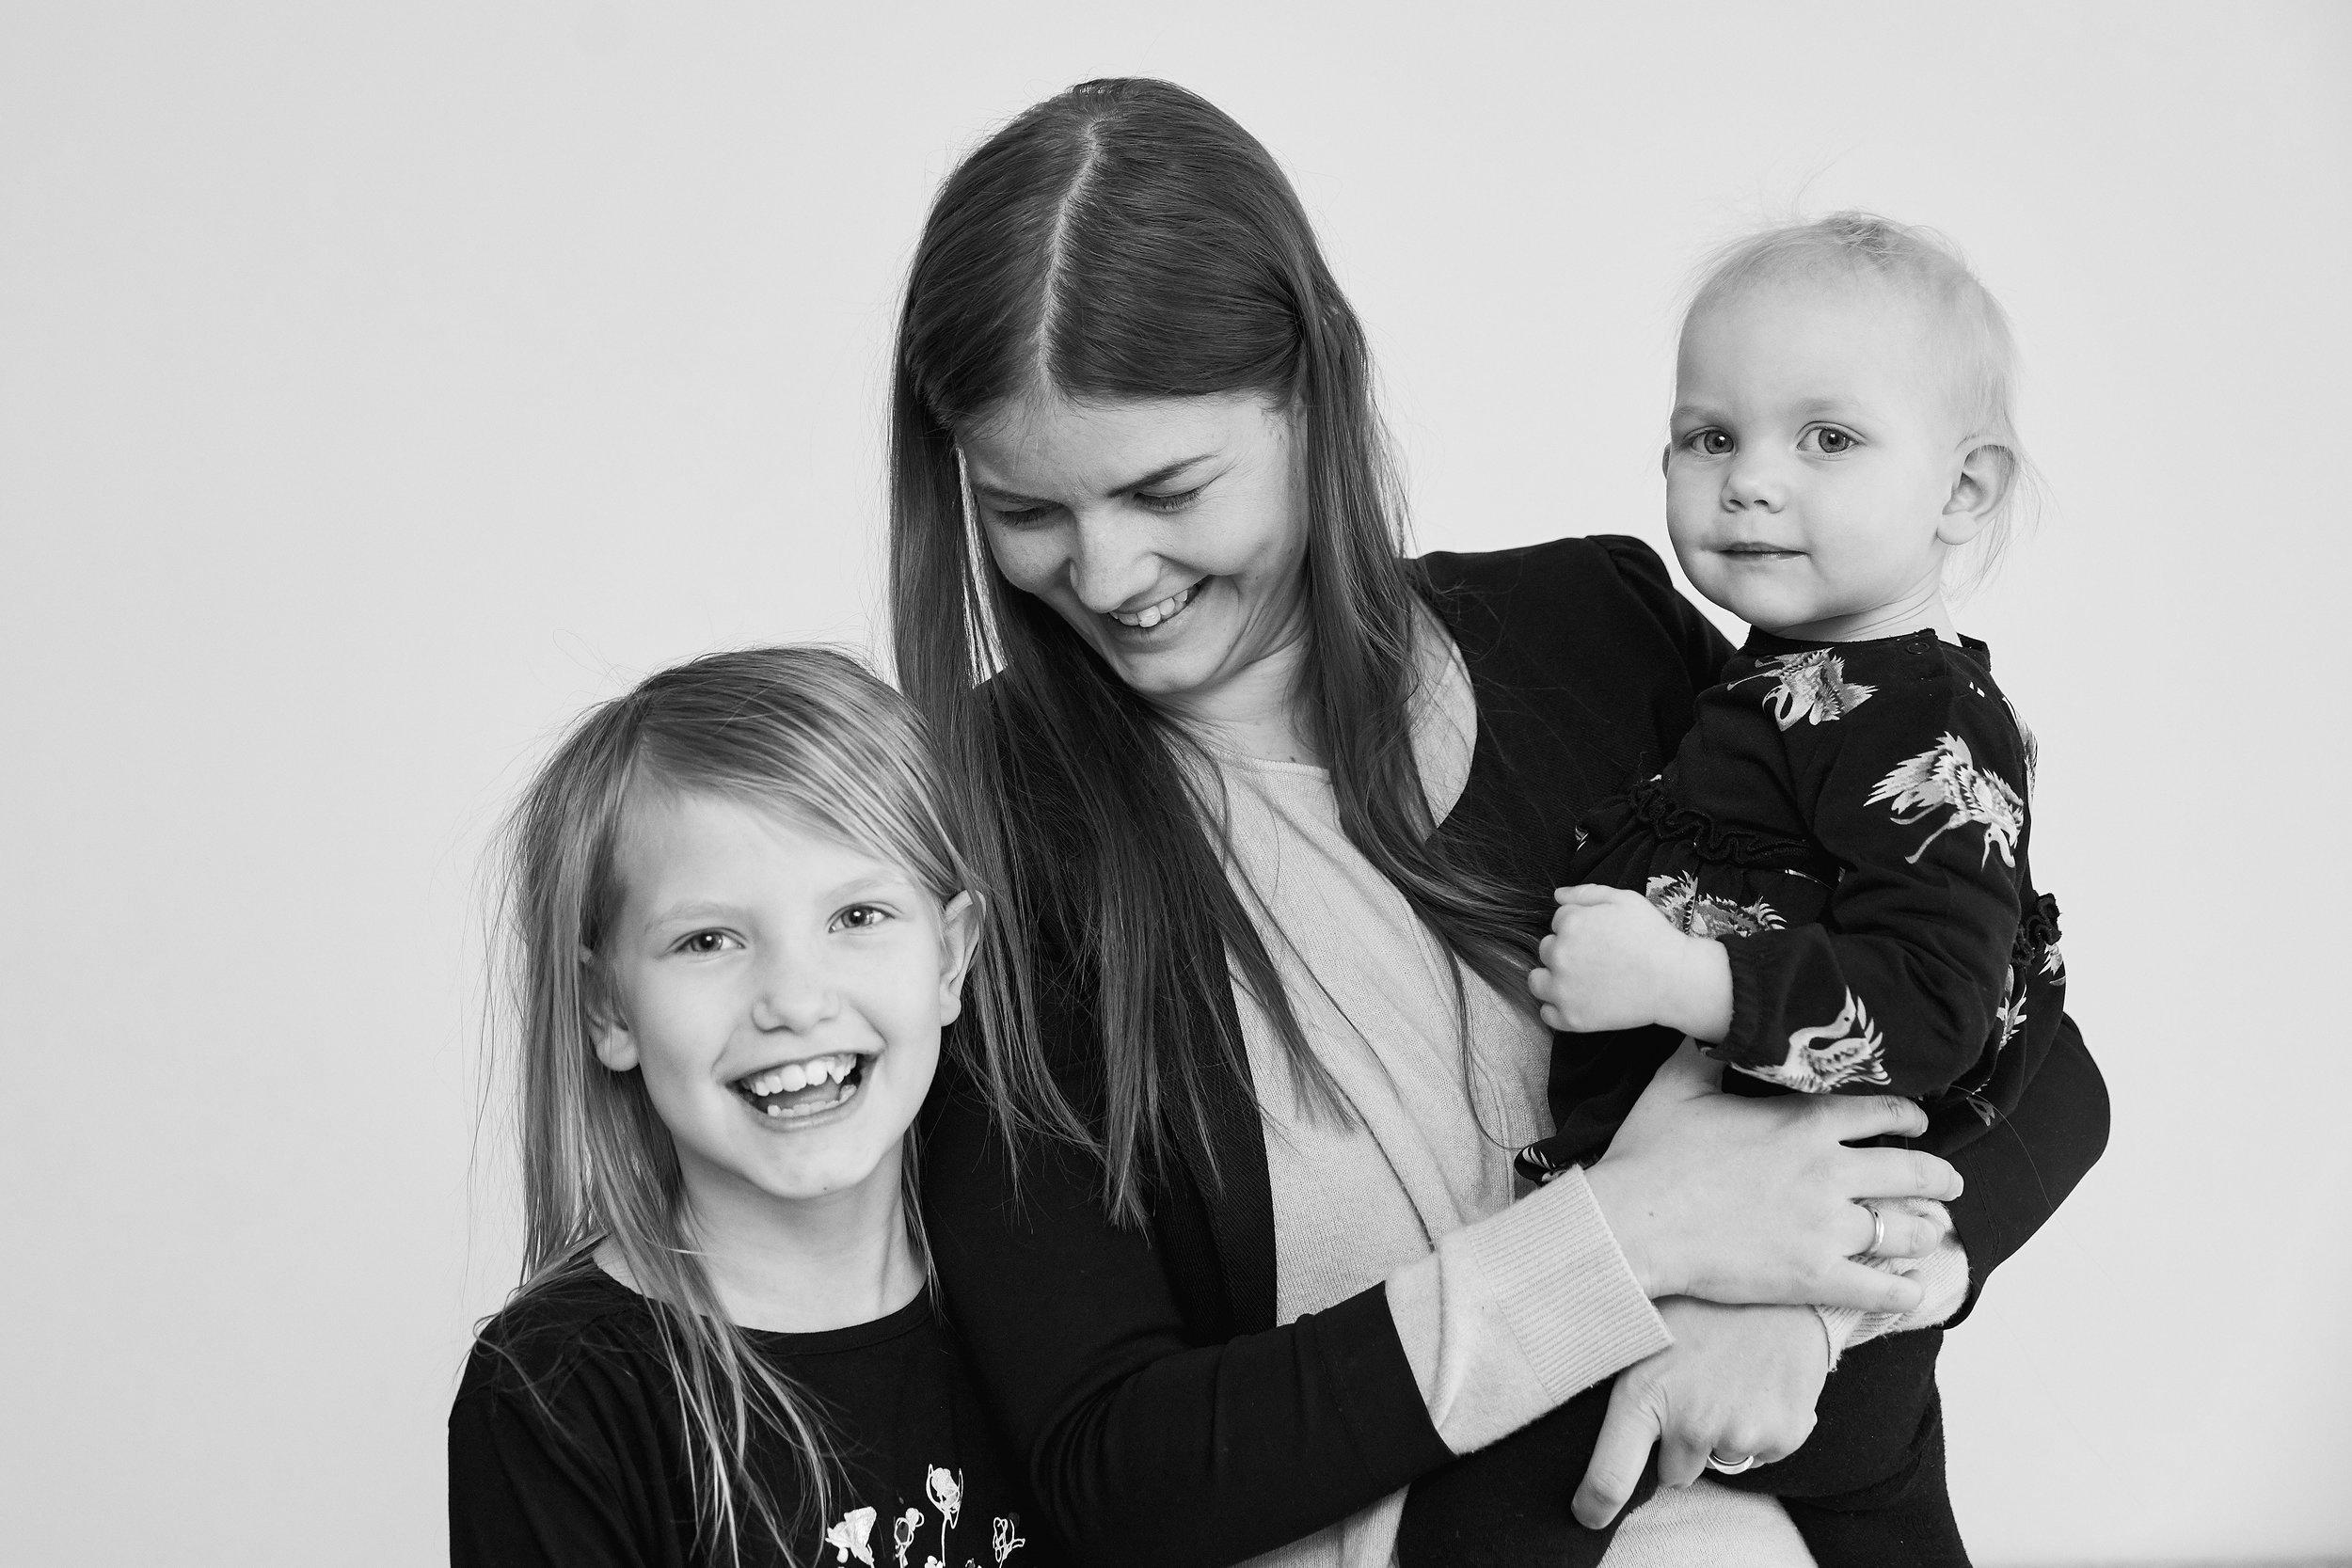 Emilie (mellemste datter), Anne Line Sørensen (mor) og Freja (mindste datter)